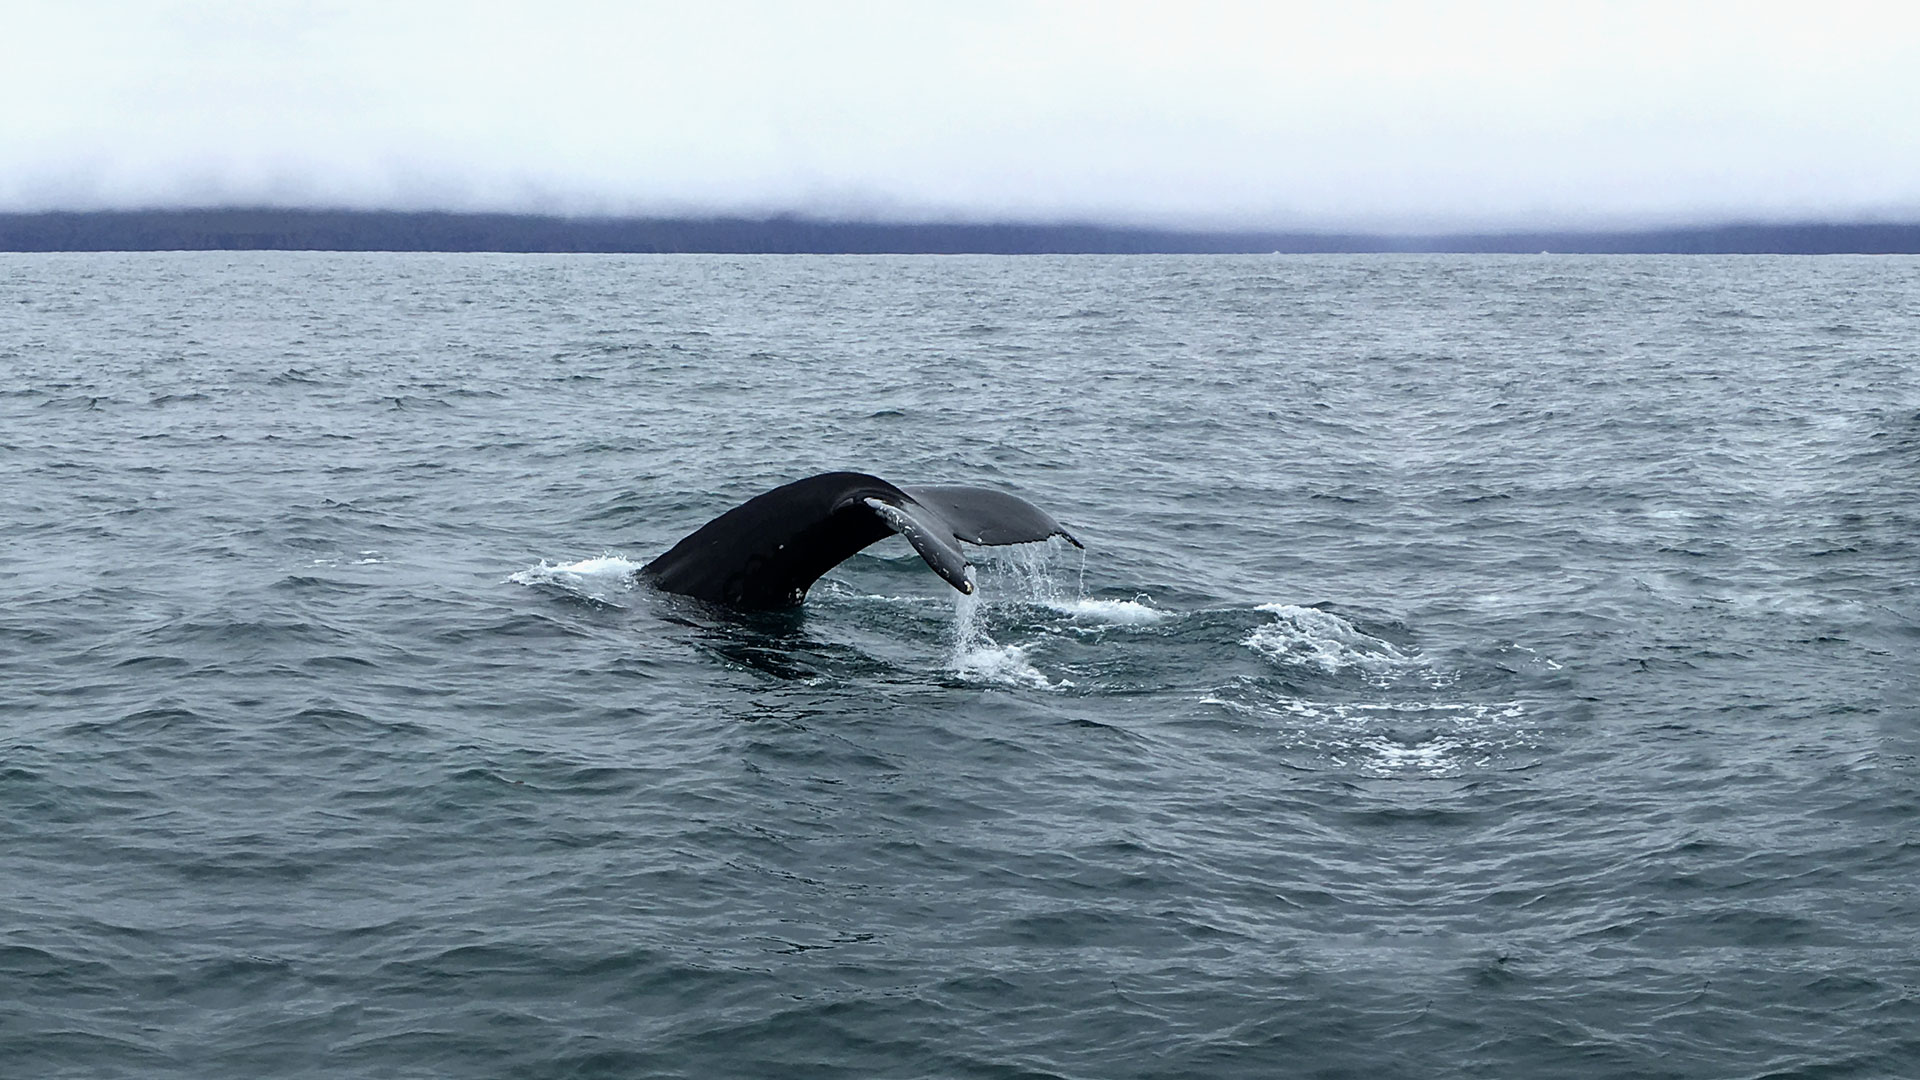 Uno degli insegnamenti dall'avvistamento di balene in Islanda